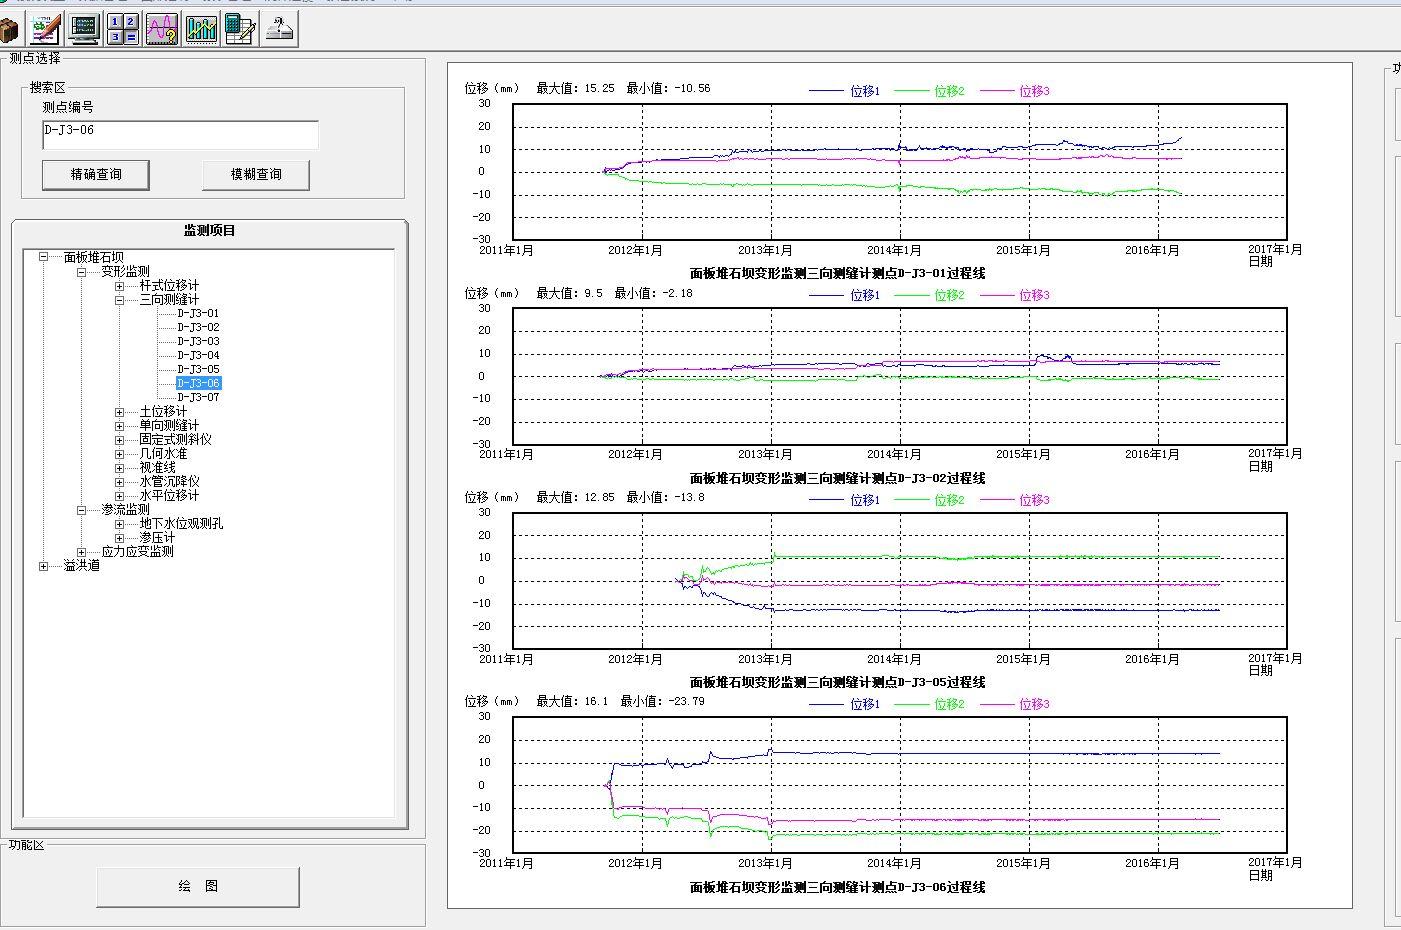 大坝安全监测多项目云平台核心功能界面分享